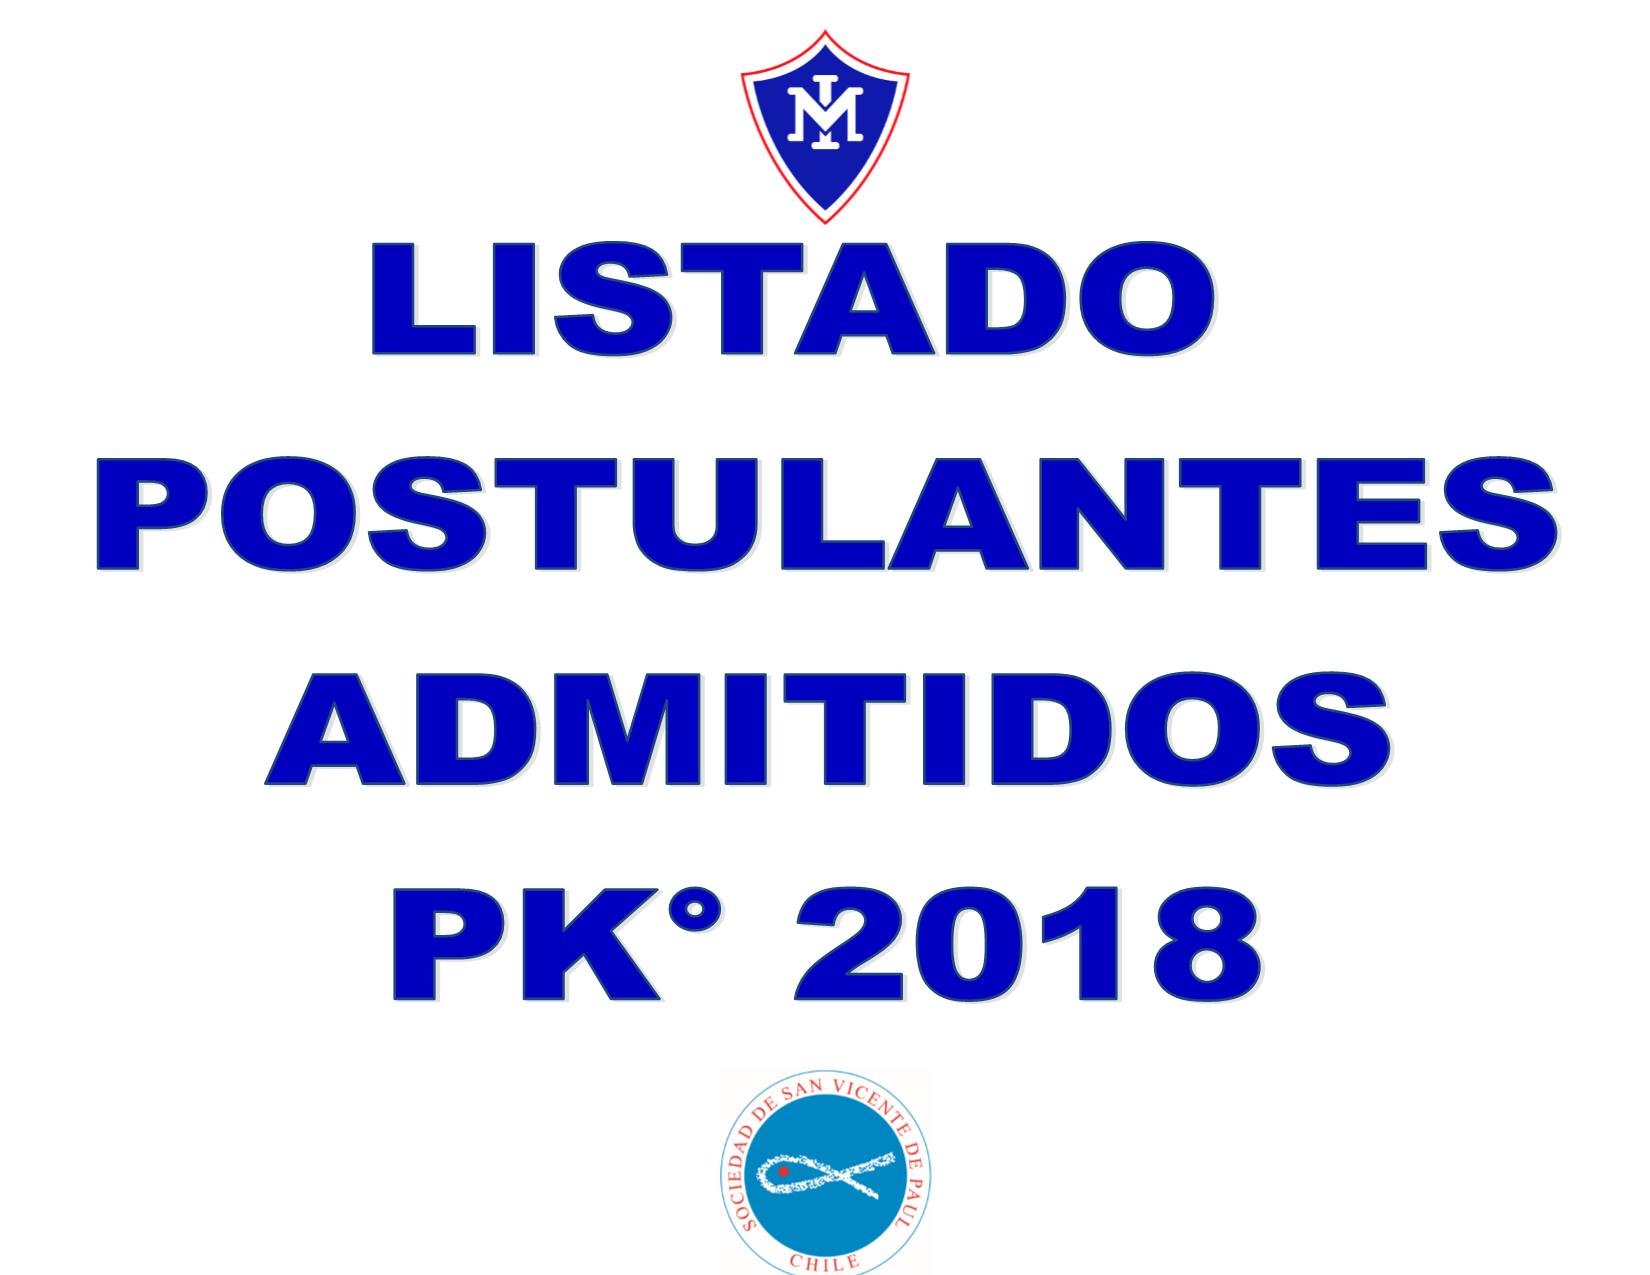 Listado Postulantes Admitidos